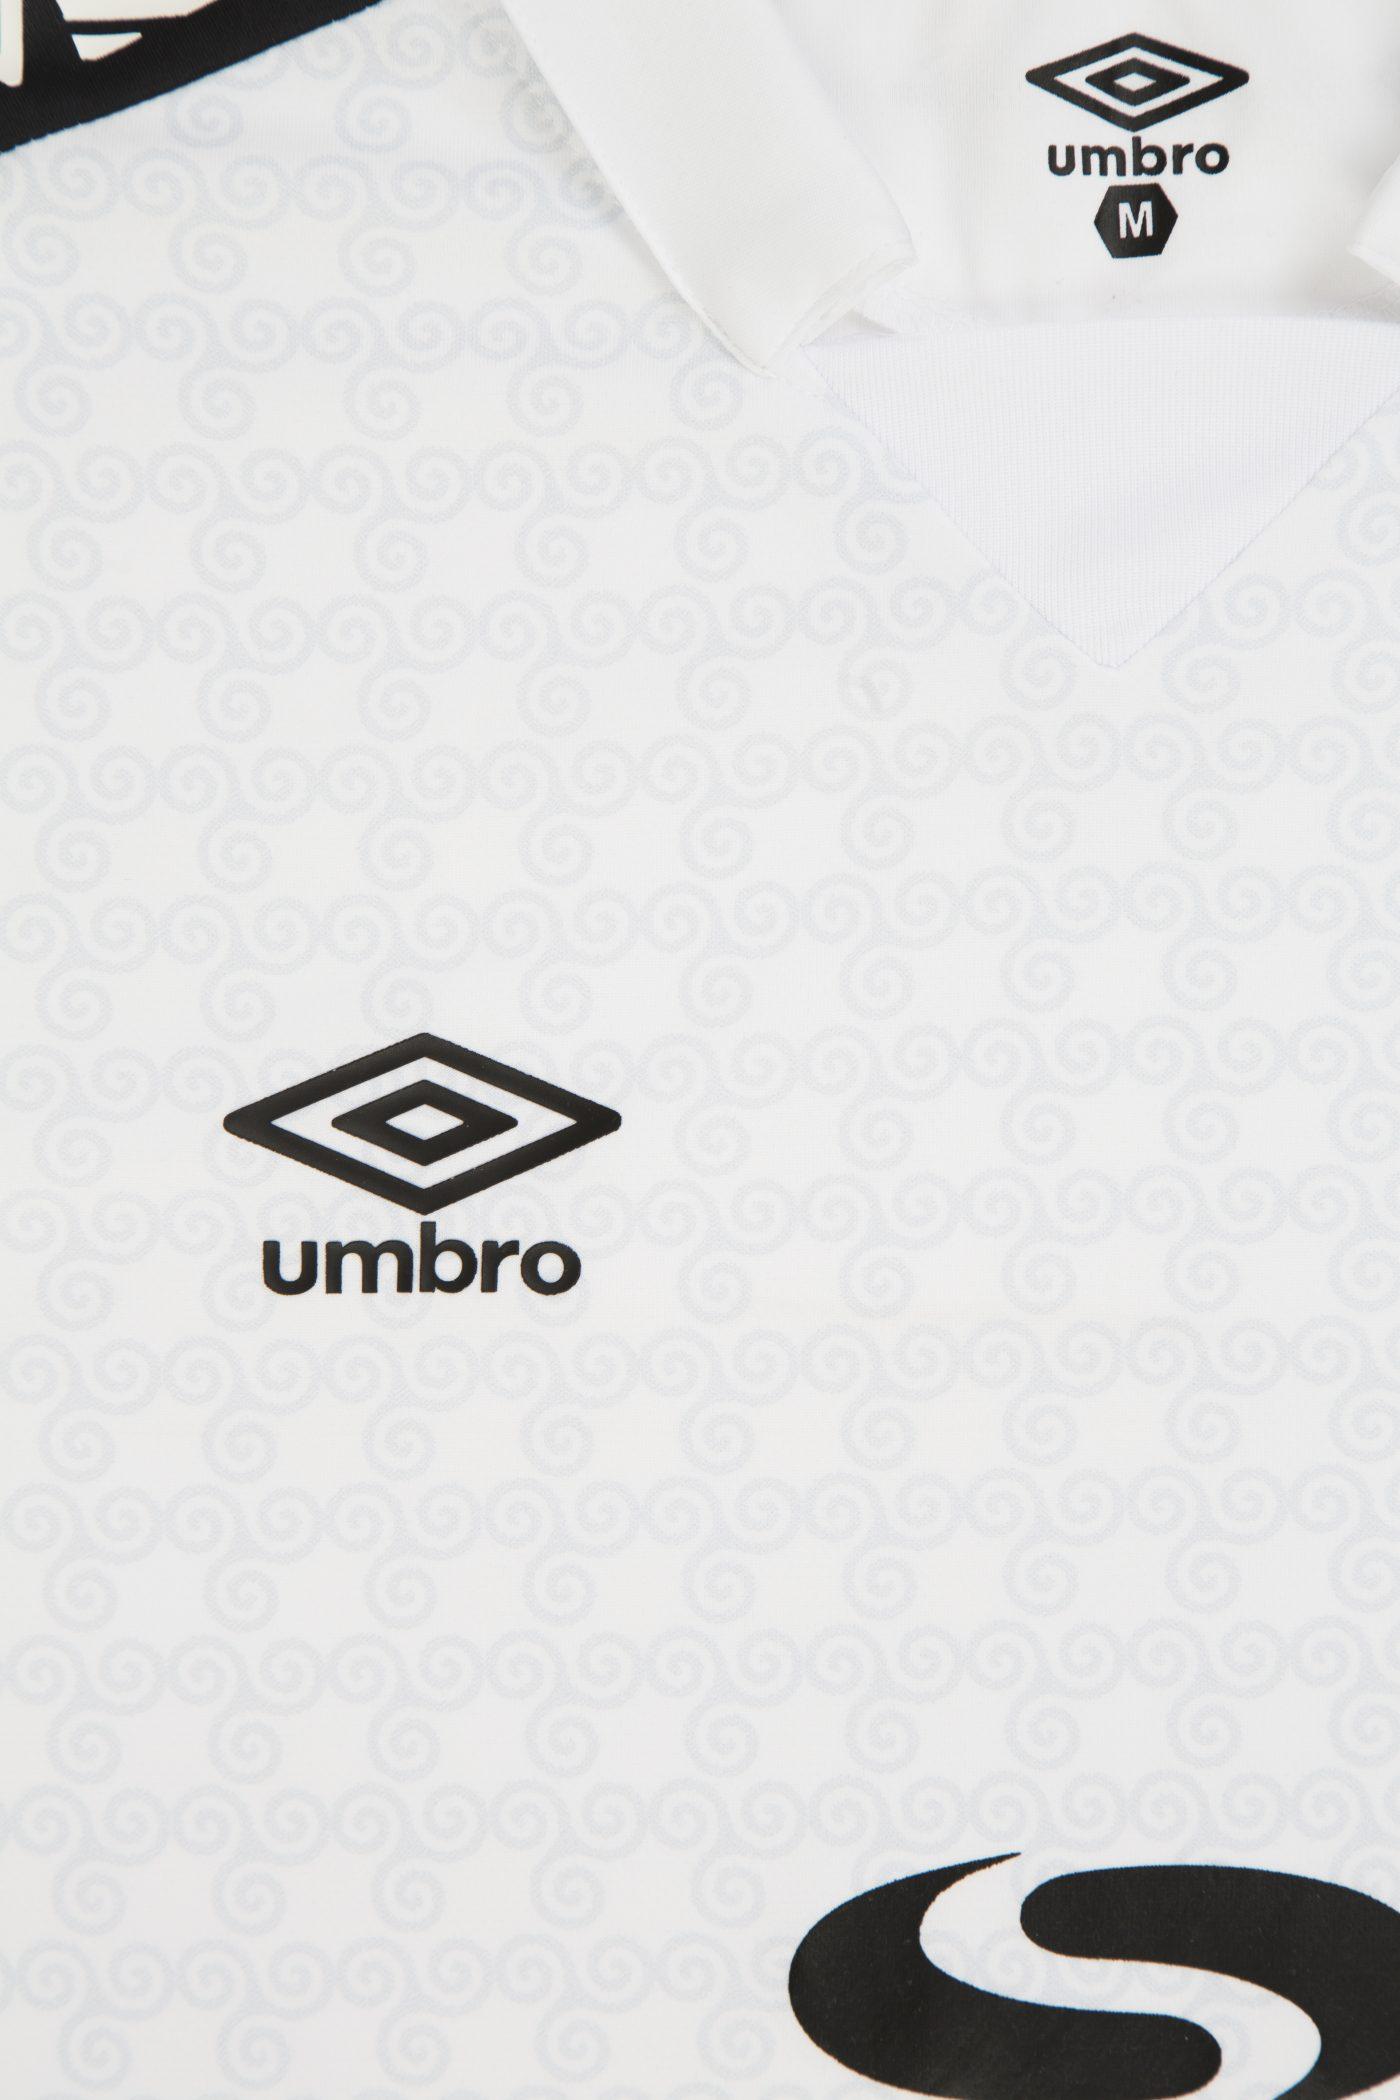 maillot-exterieur-guingamp-2019-2020-umbro-1